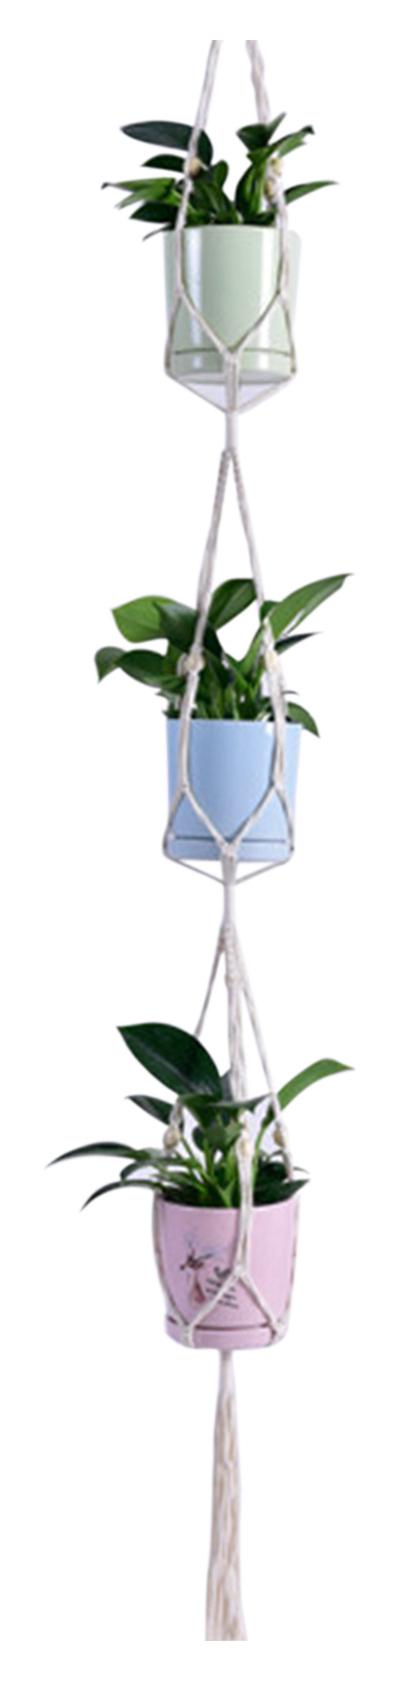 Macrame Plant Hanger Decorative Flower Pot Holder Indoor Outdoor Hanging Planter Basket Cotton Rope Home Decor,model: Type 6